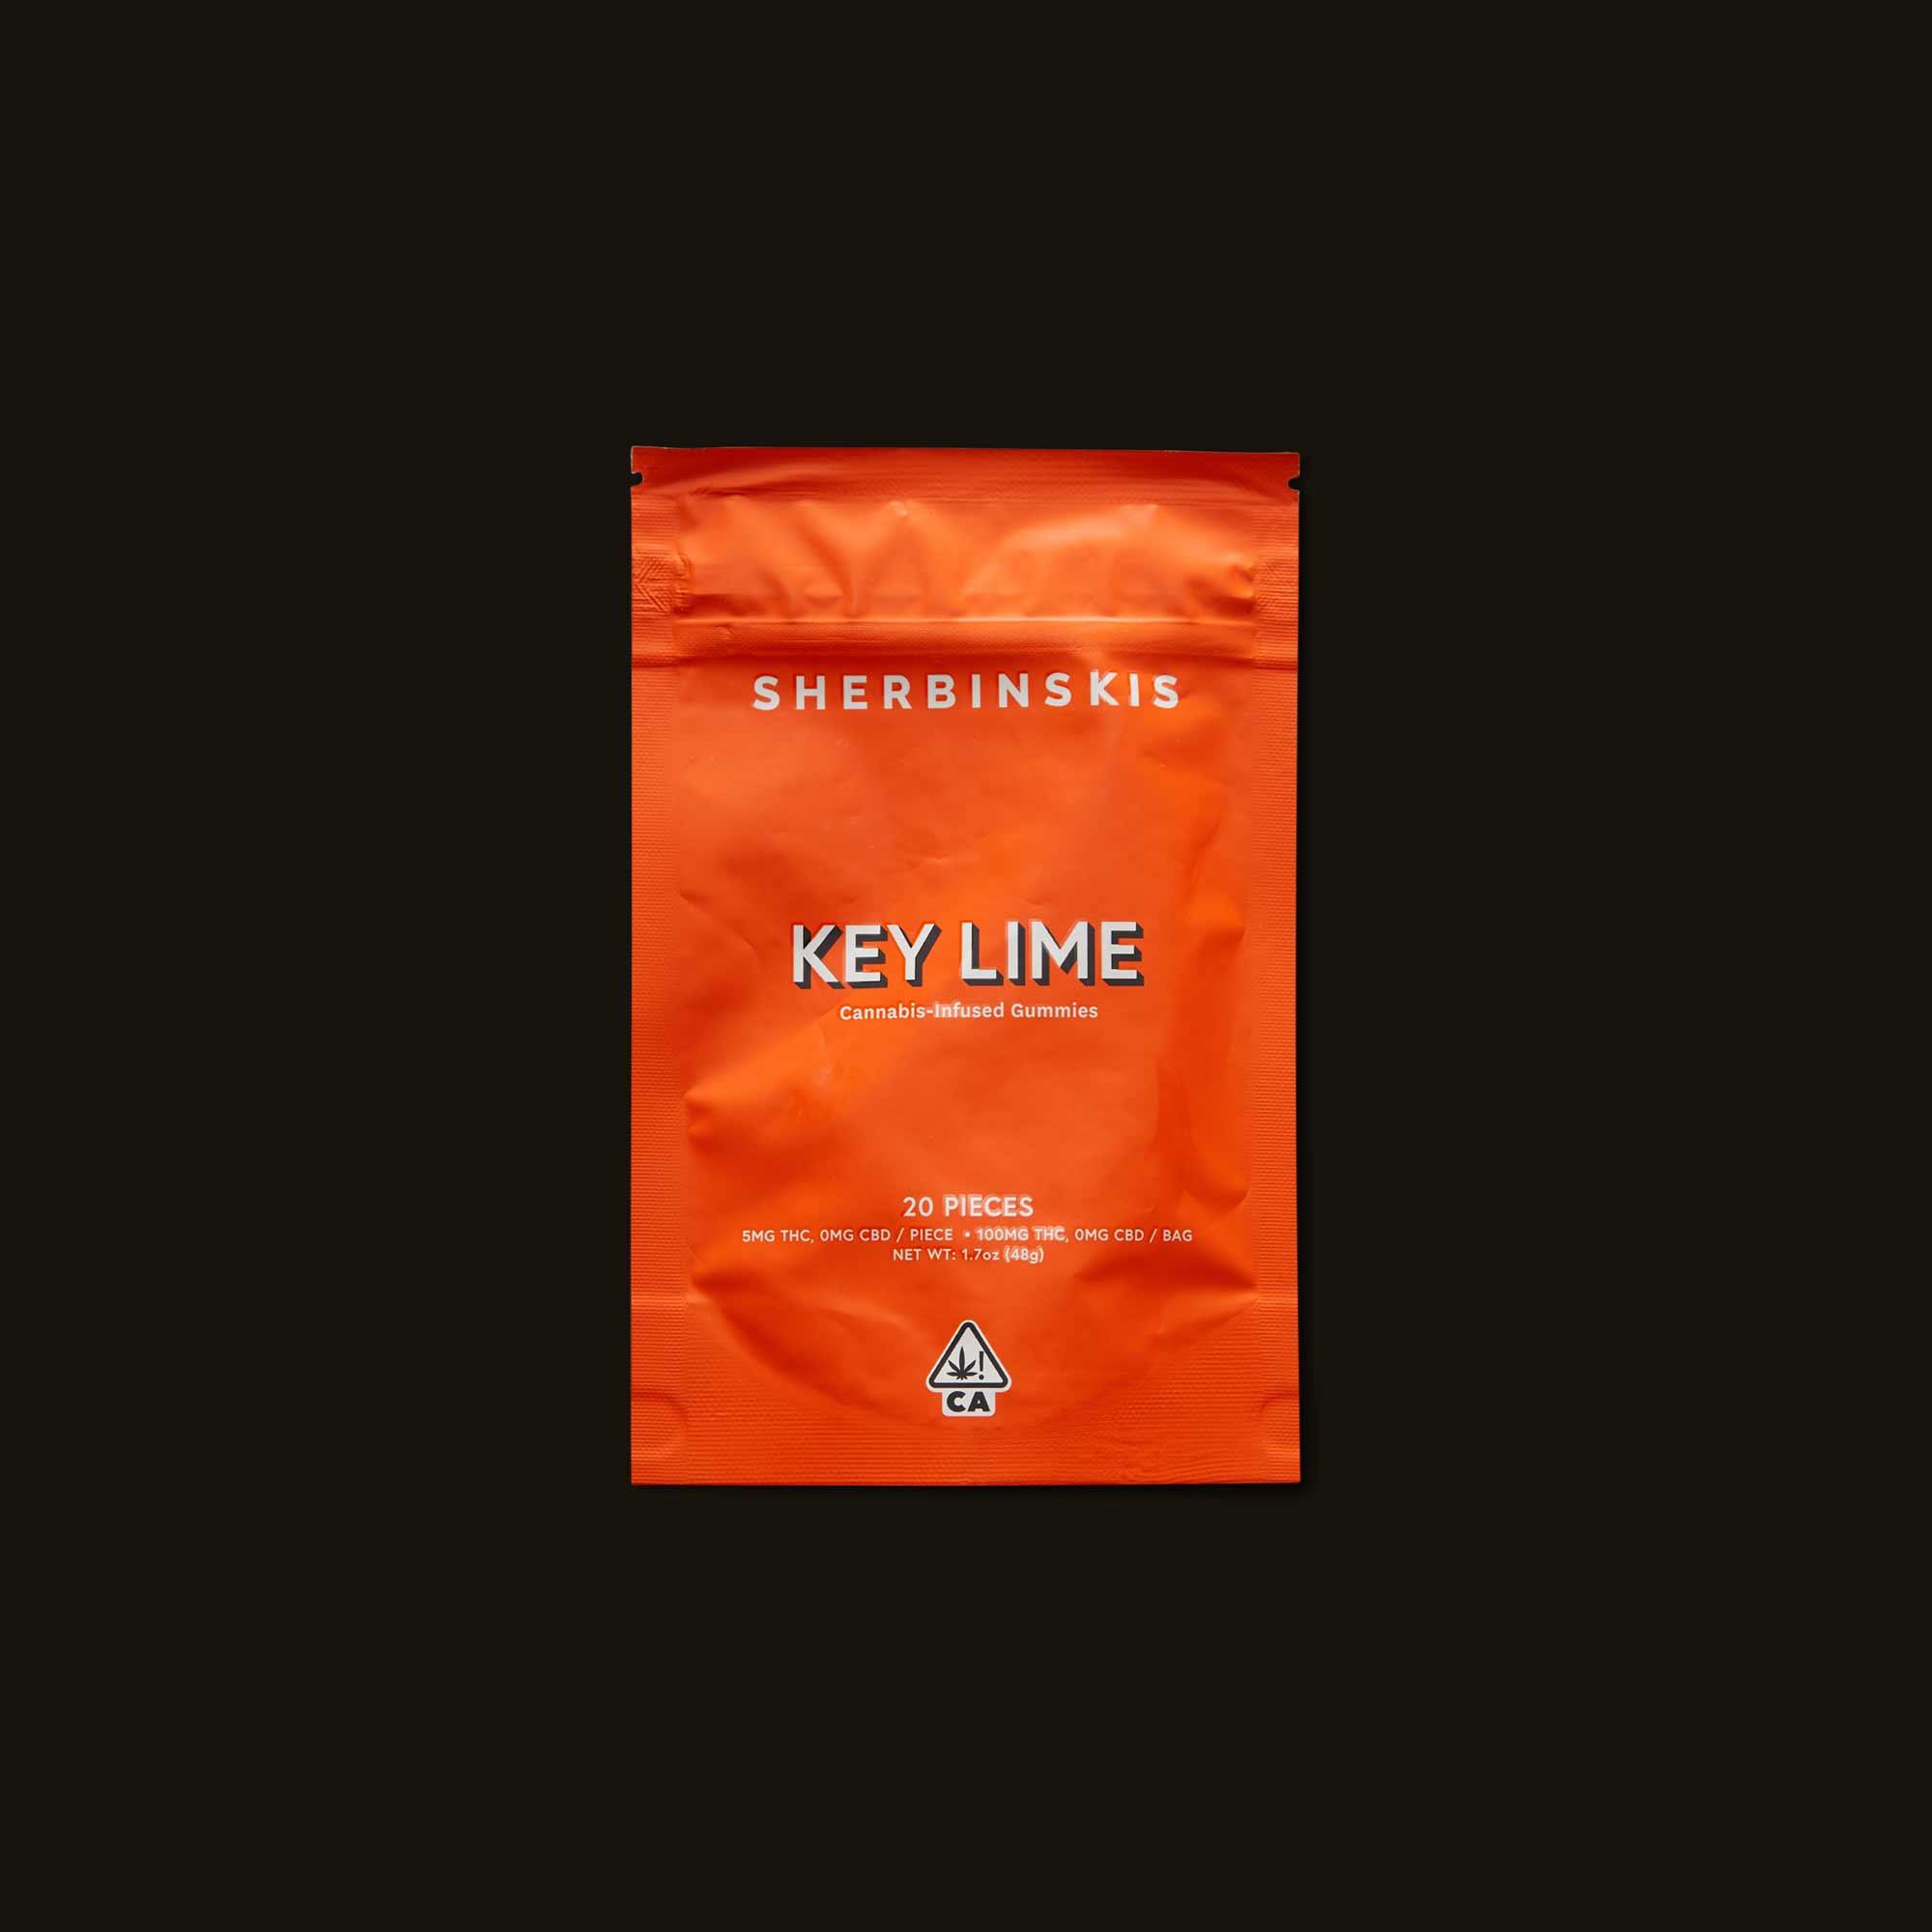 Sherbinskis Key Lime Gummies